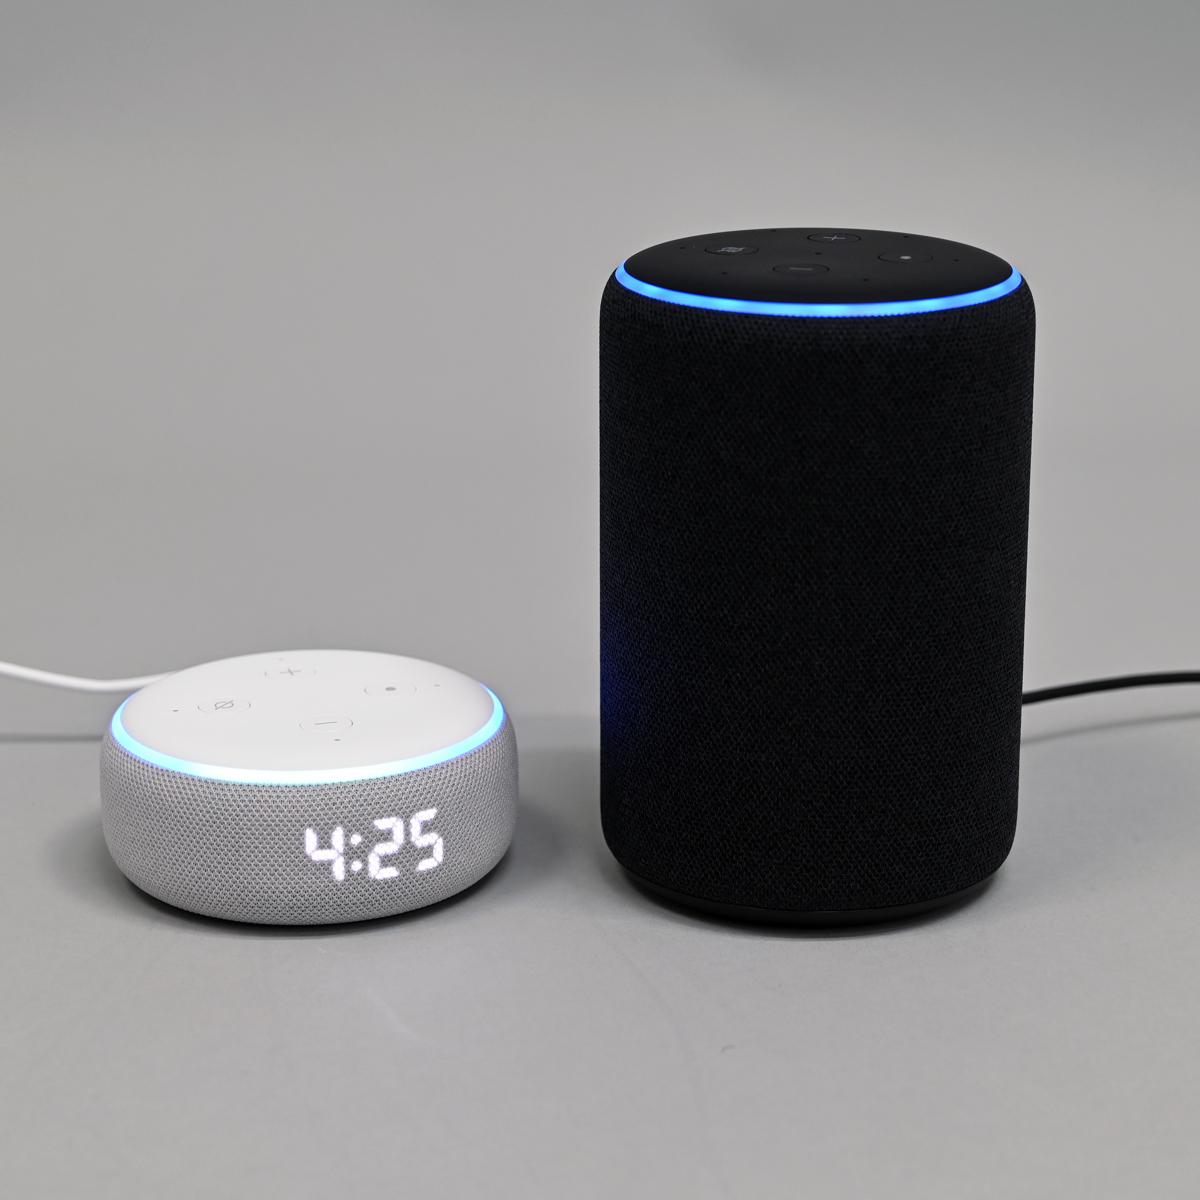 音が劇的によくなったAmazonの第3世代「Echo」と時計付き「Echo Dot With Clock」を速攻レビュー